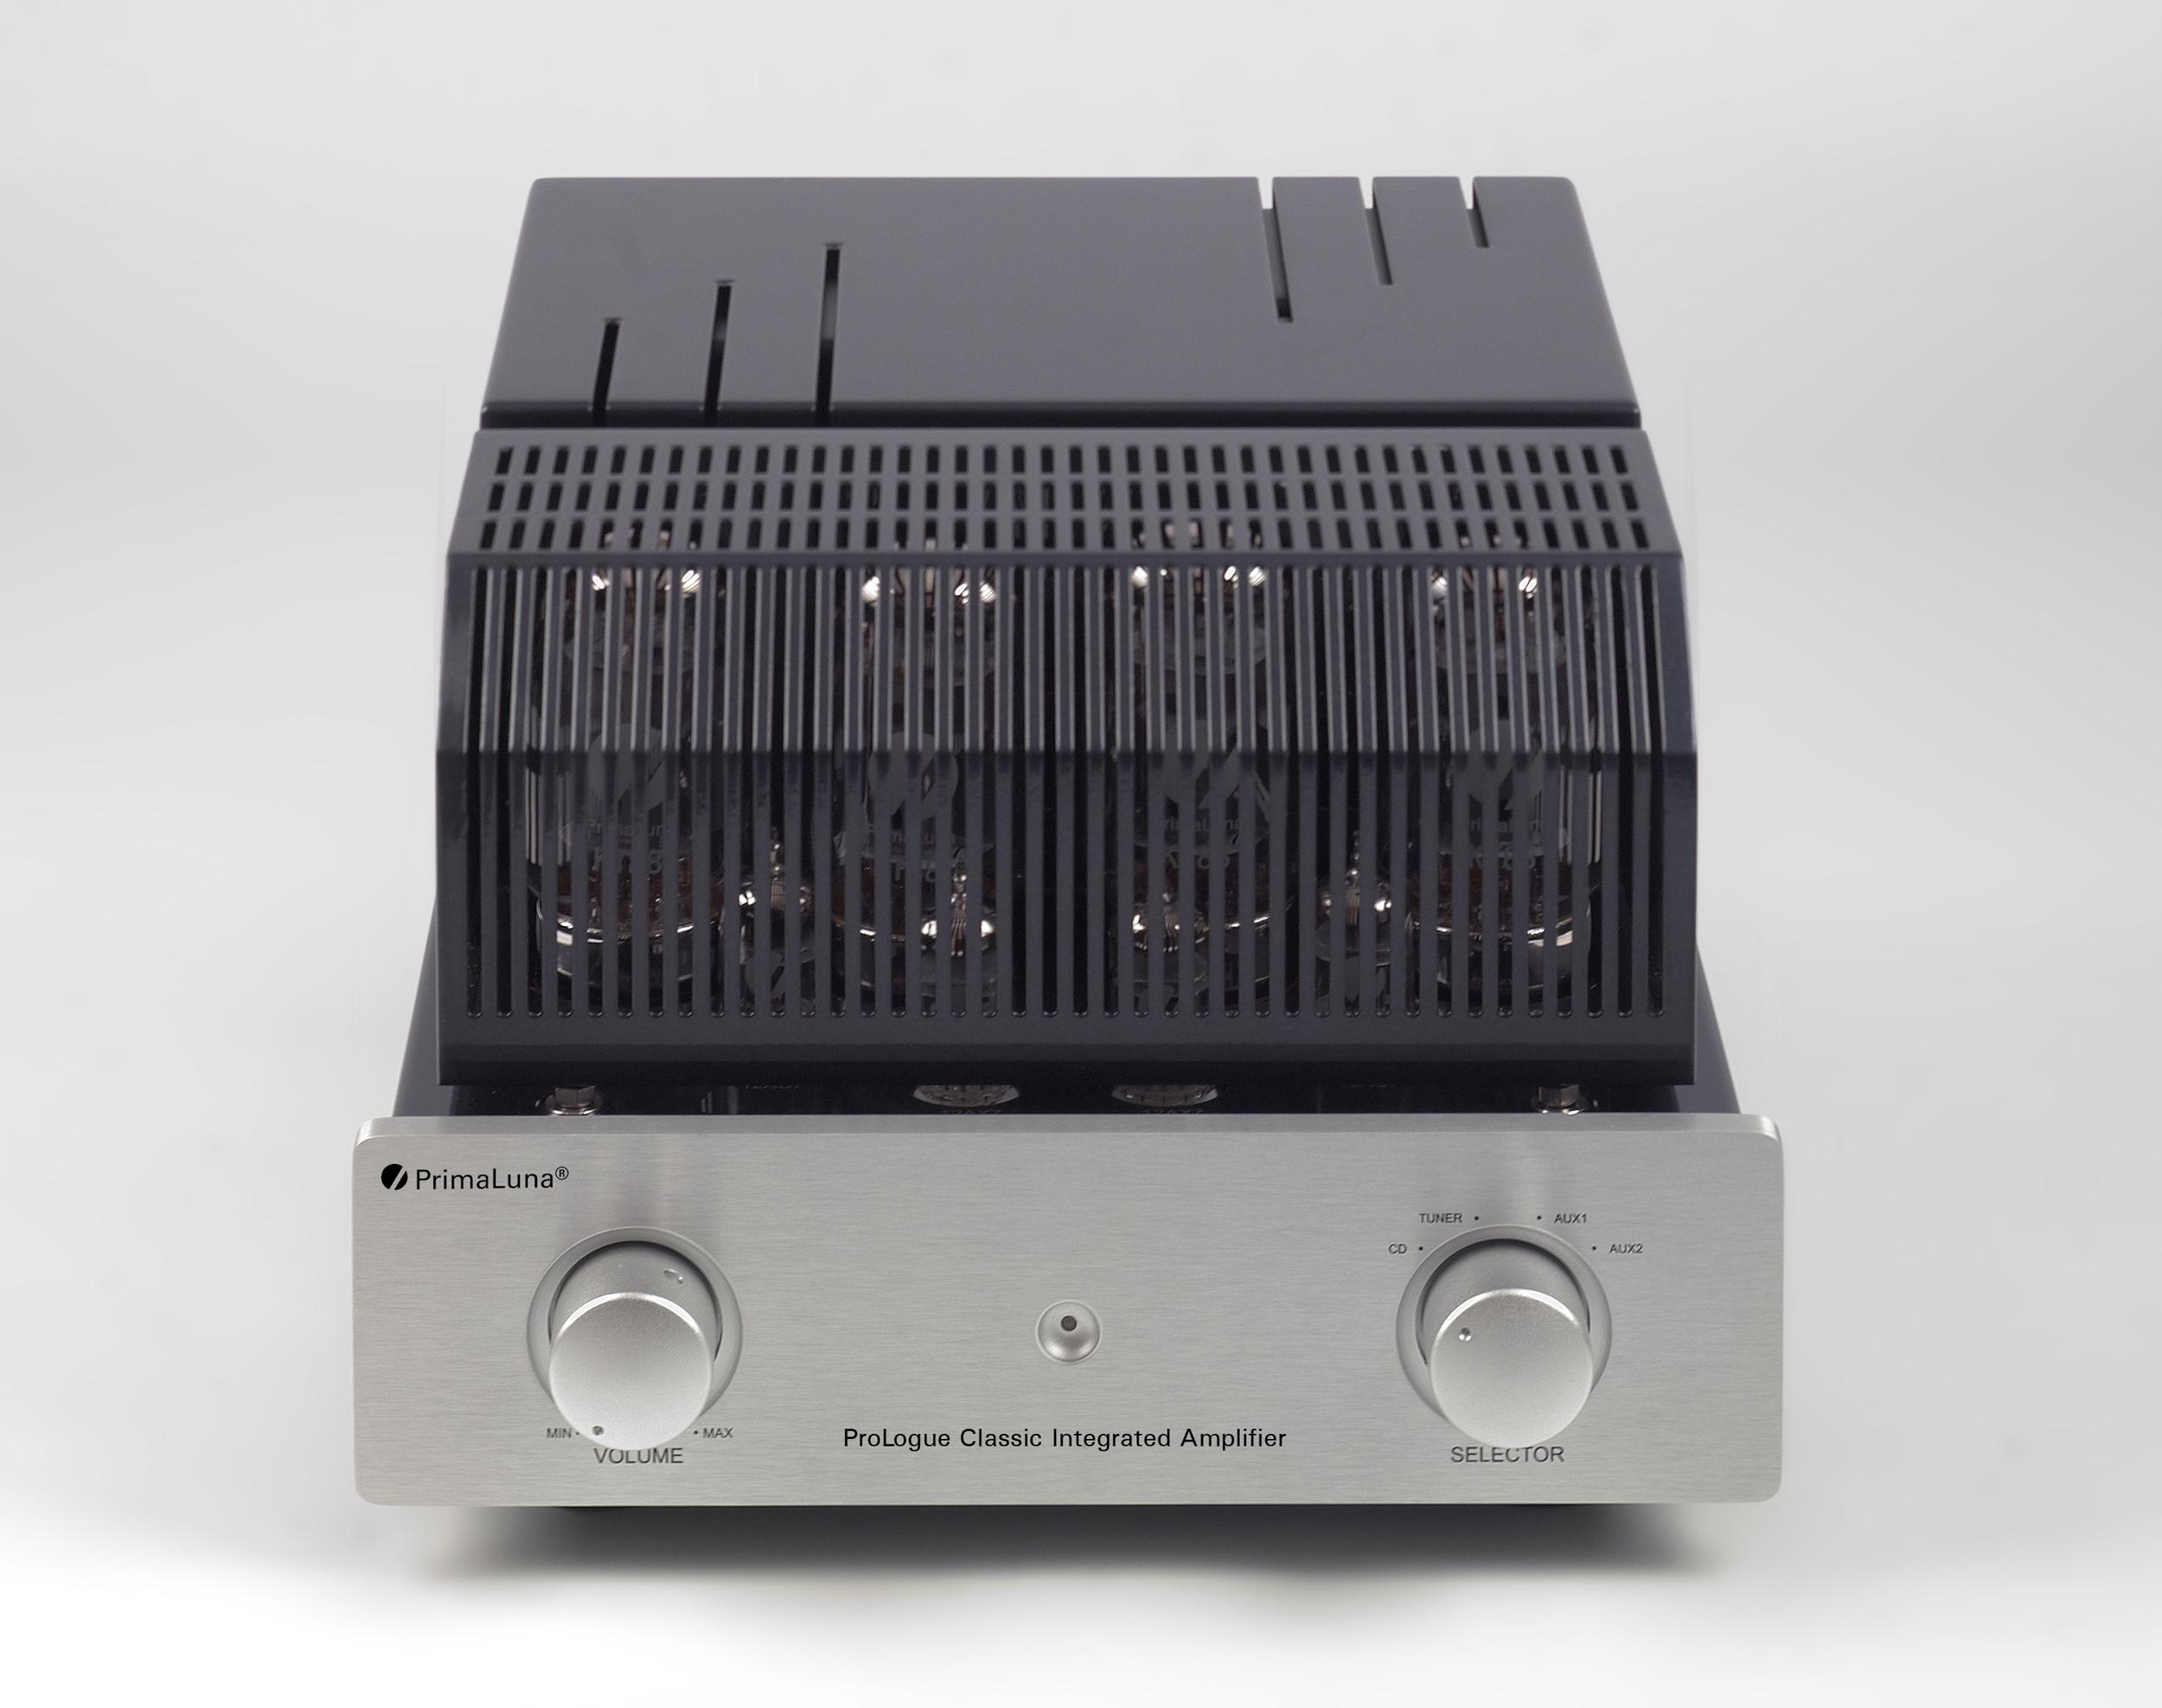 004-PrimaLuna Classic Integrated Amplifier-zilver.jpg